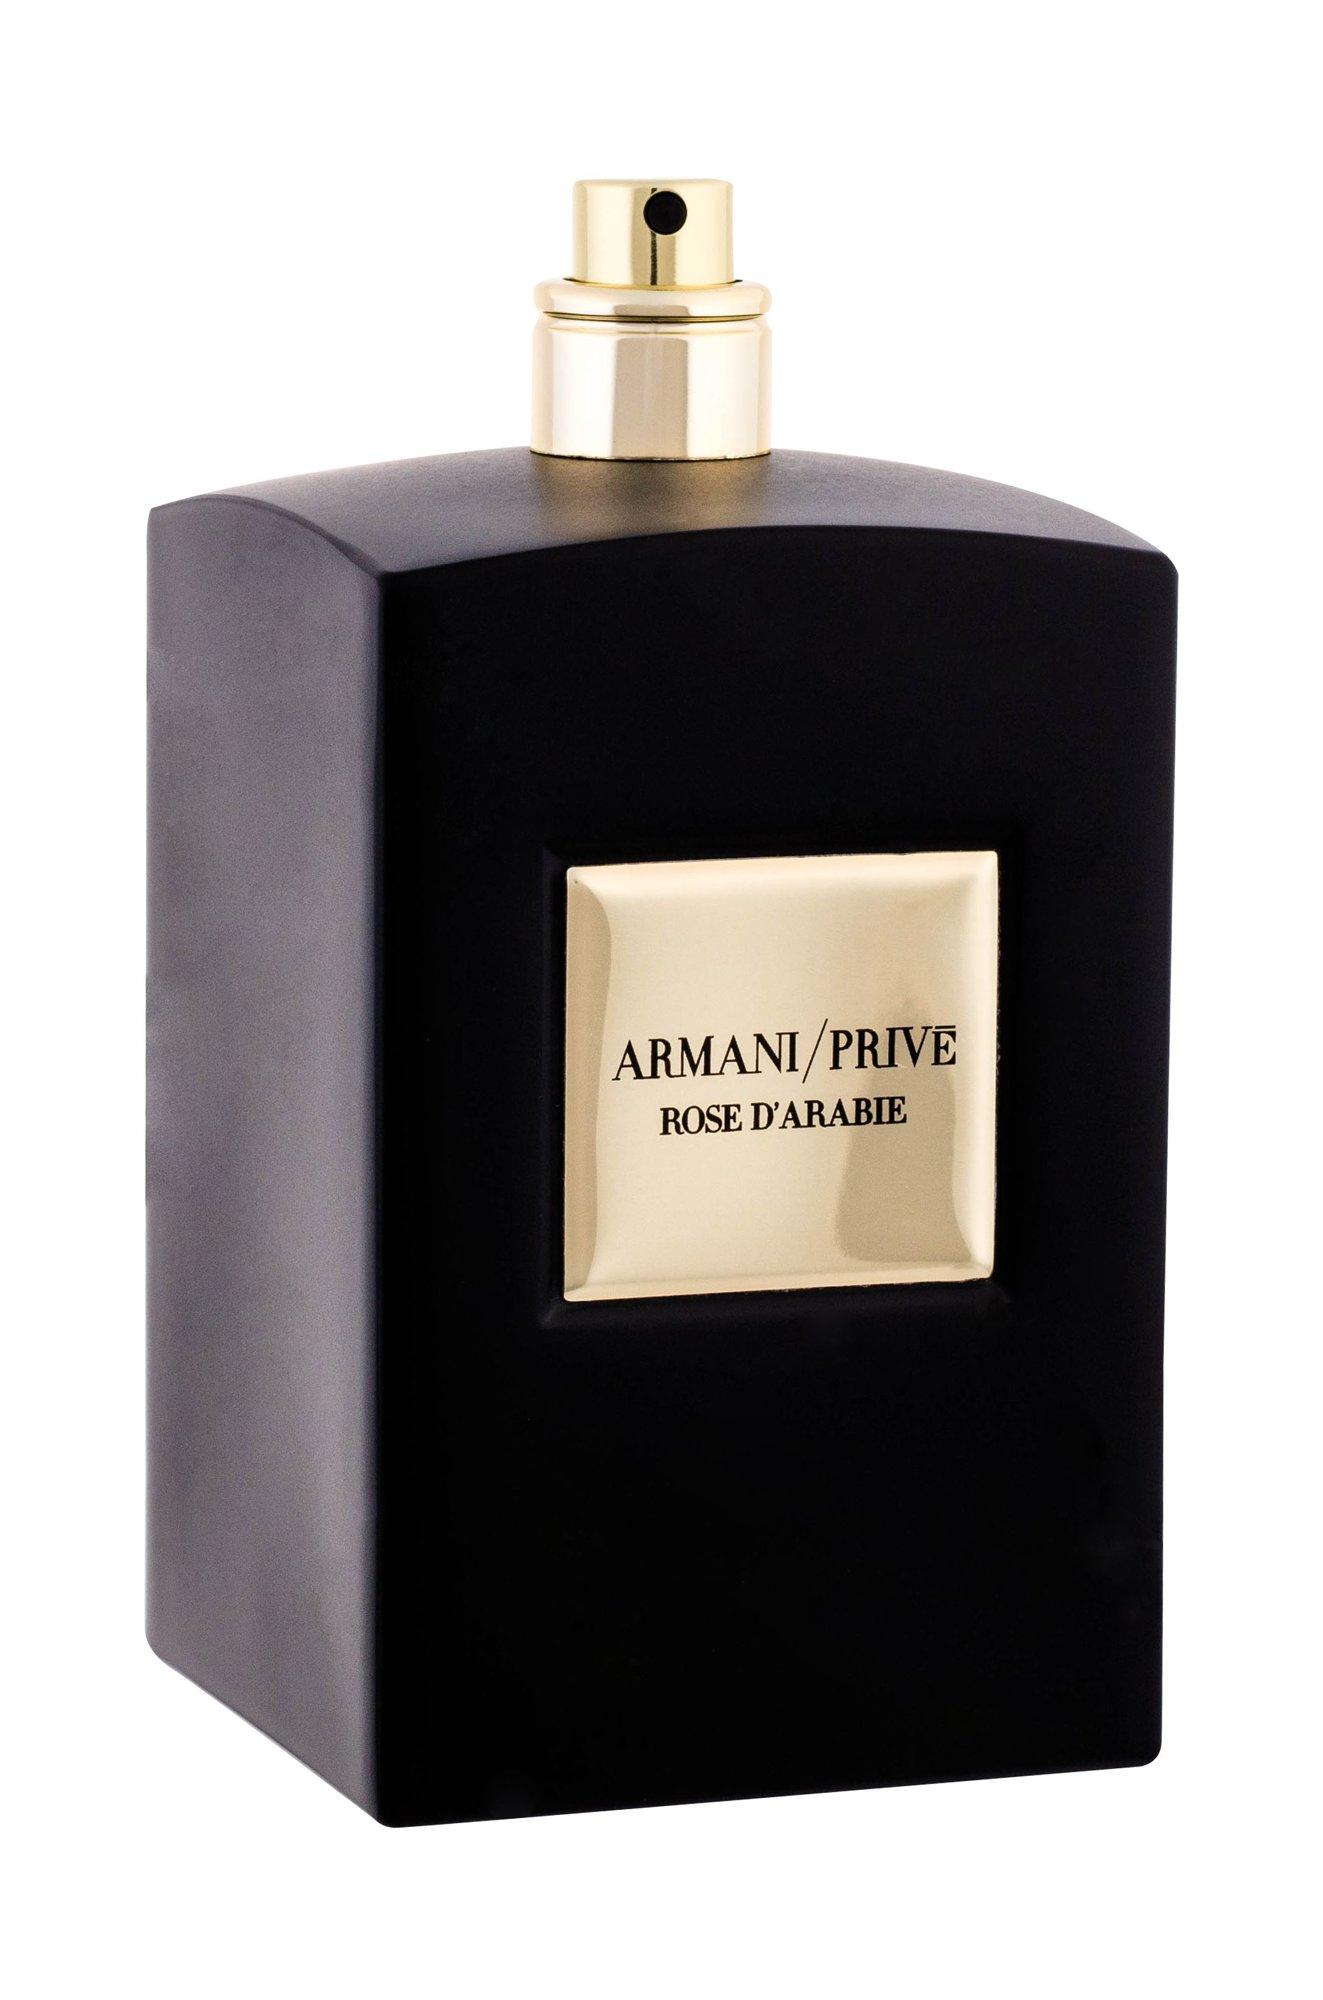 Armani Privé Rose d´Arabie Eau de Parfum 250ml  Intense